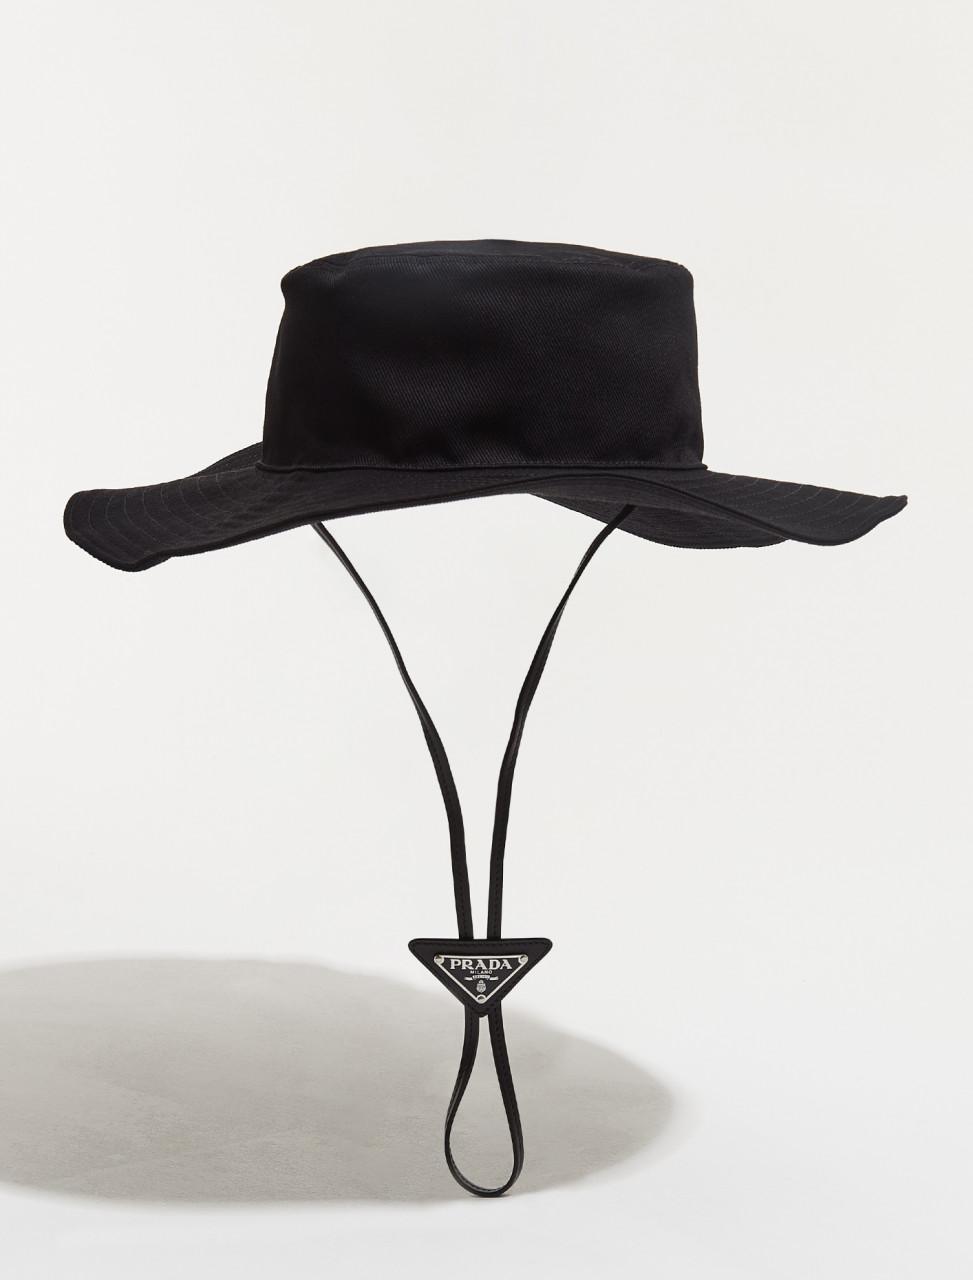 2HC250_2DXI_F0002 PRADA DRILL HAT IN BLACK